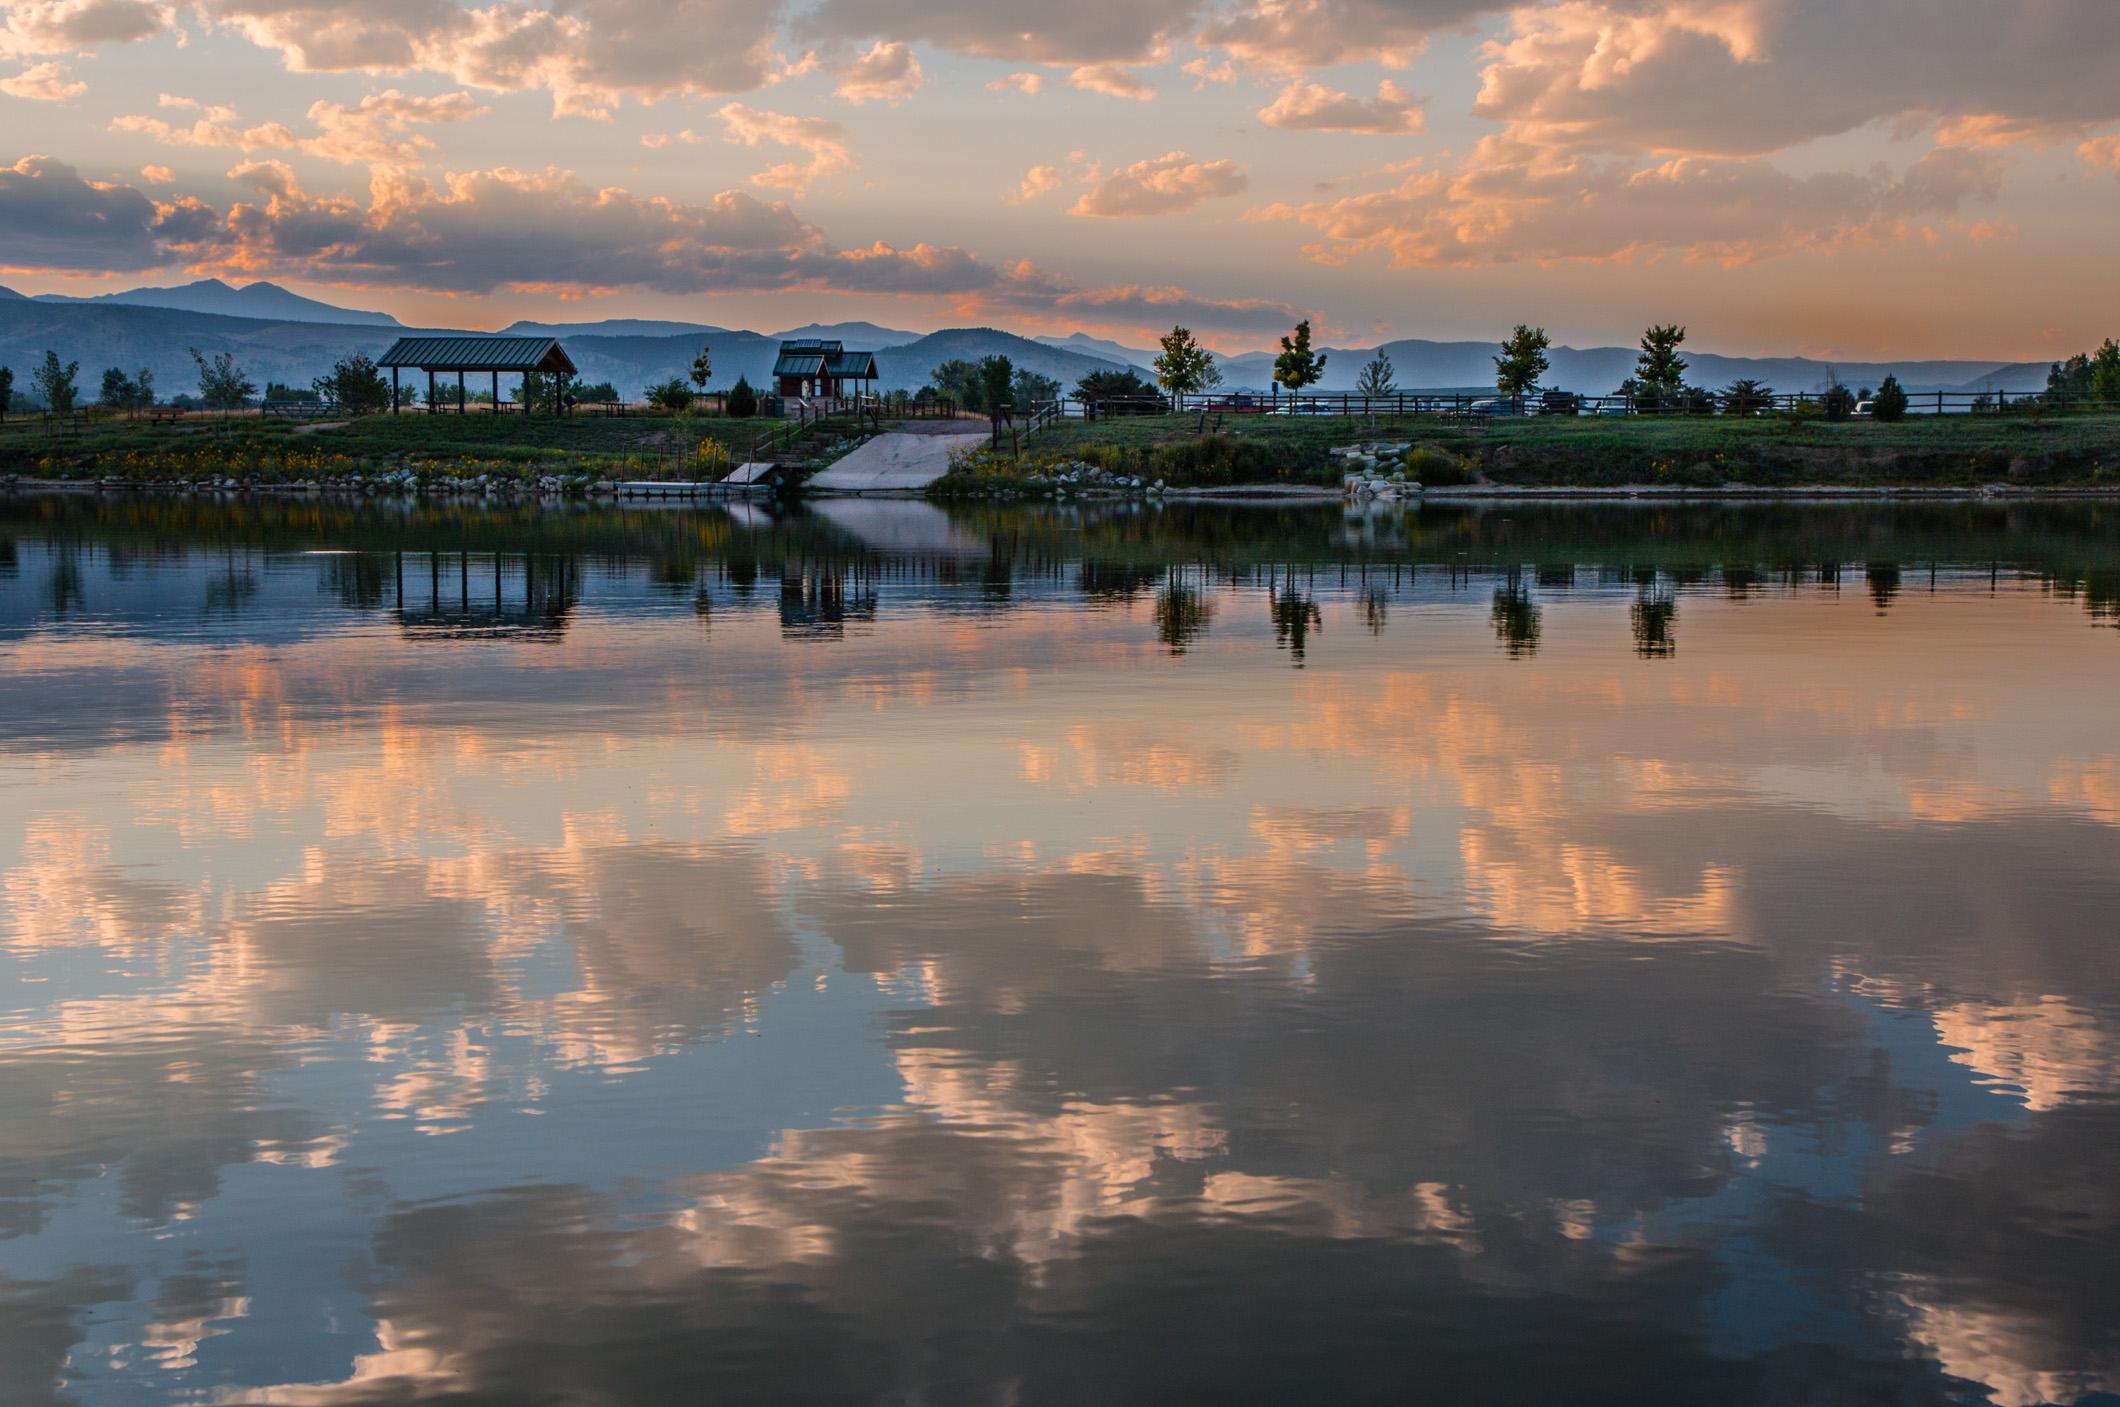 Lagerman Reservoir